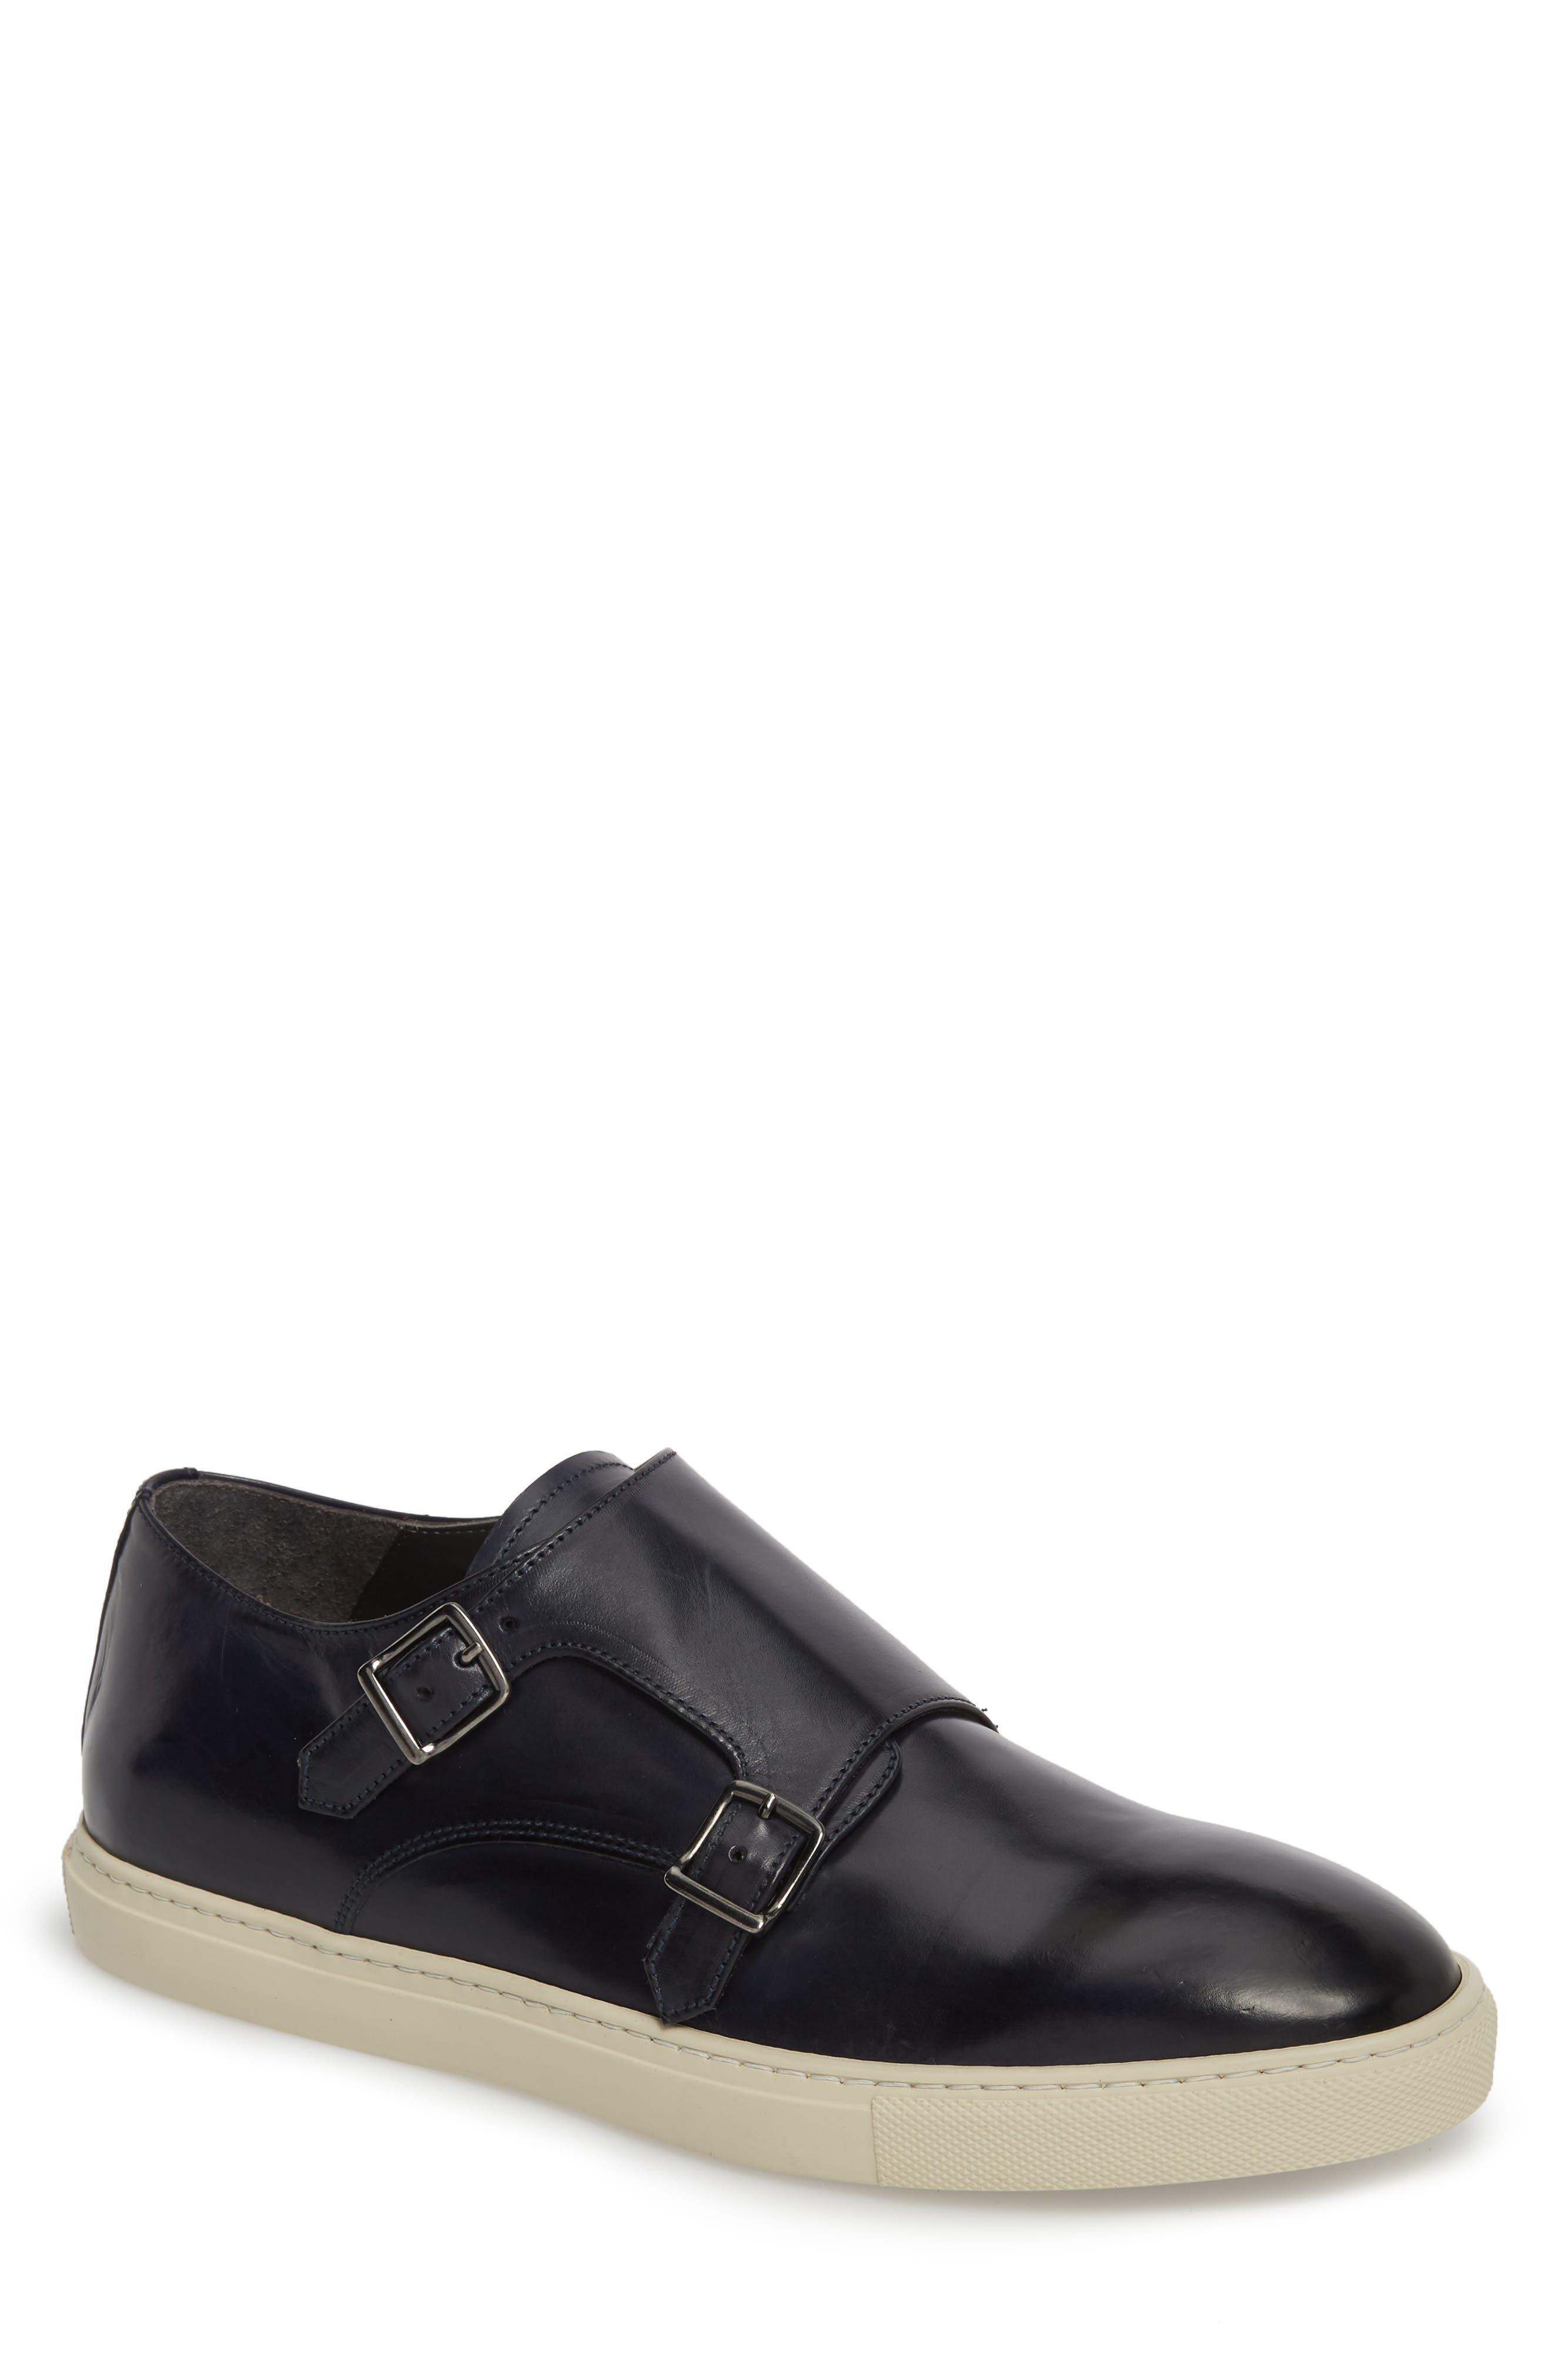 Gildden Double Monk Strap Sneaker,                             Main thumbnail 1, color,                             400